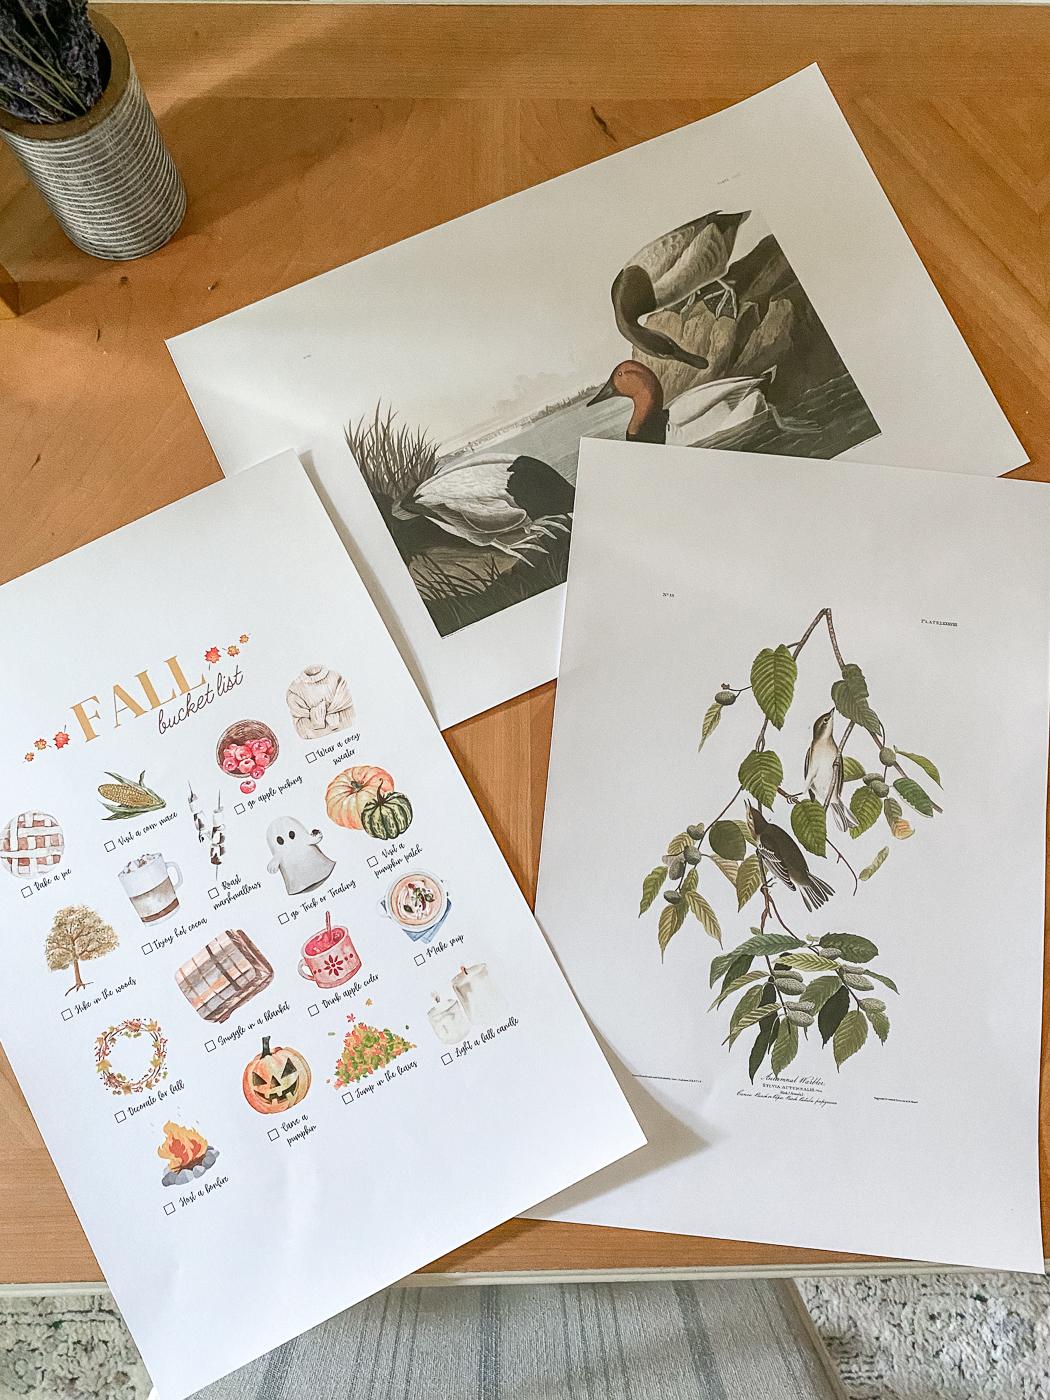 free fall printable wall art, fall printable art, fall printable decor, free audubon printable, fall bucket list printable